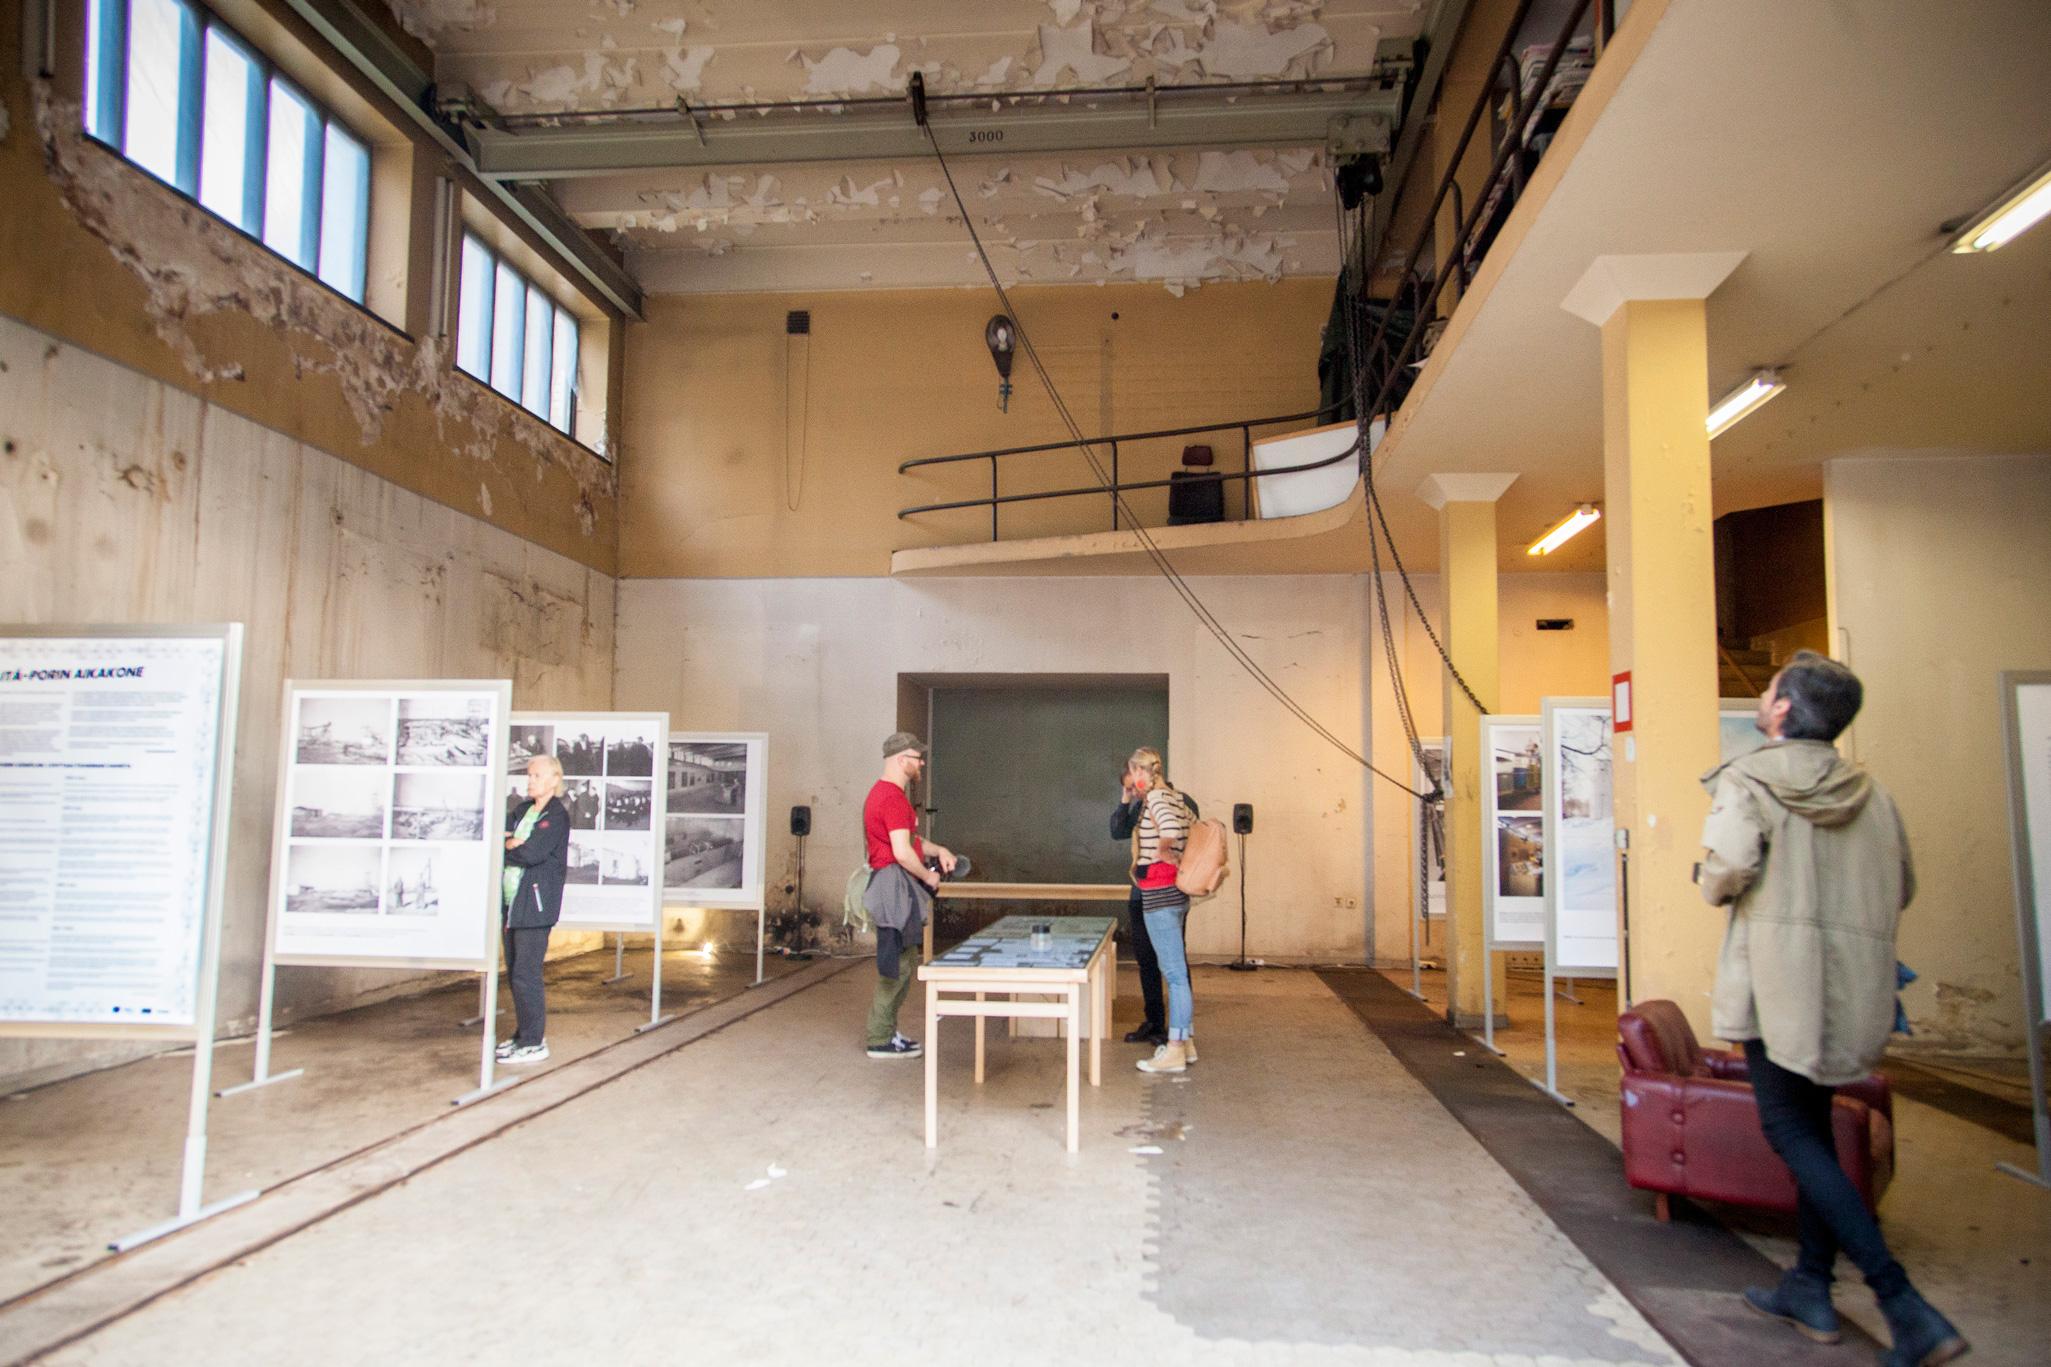 Aurinko helli Porin päivän näyttelyvieraita ja Verde sukellututti yleisön radioaaltojen inspiroimiin äänimaisemiin